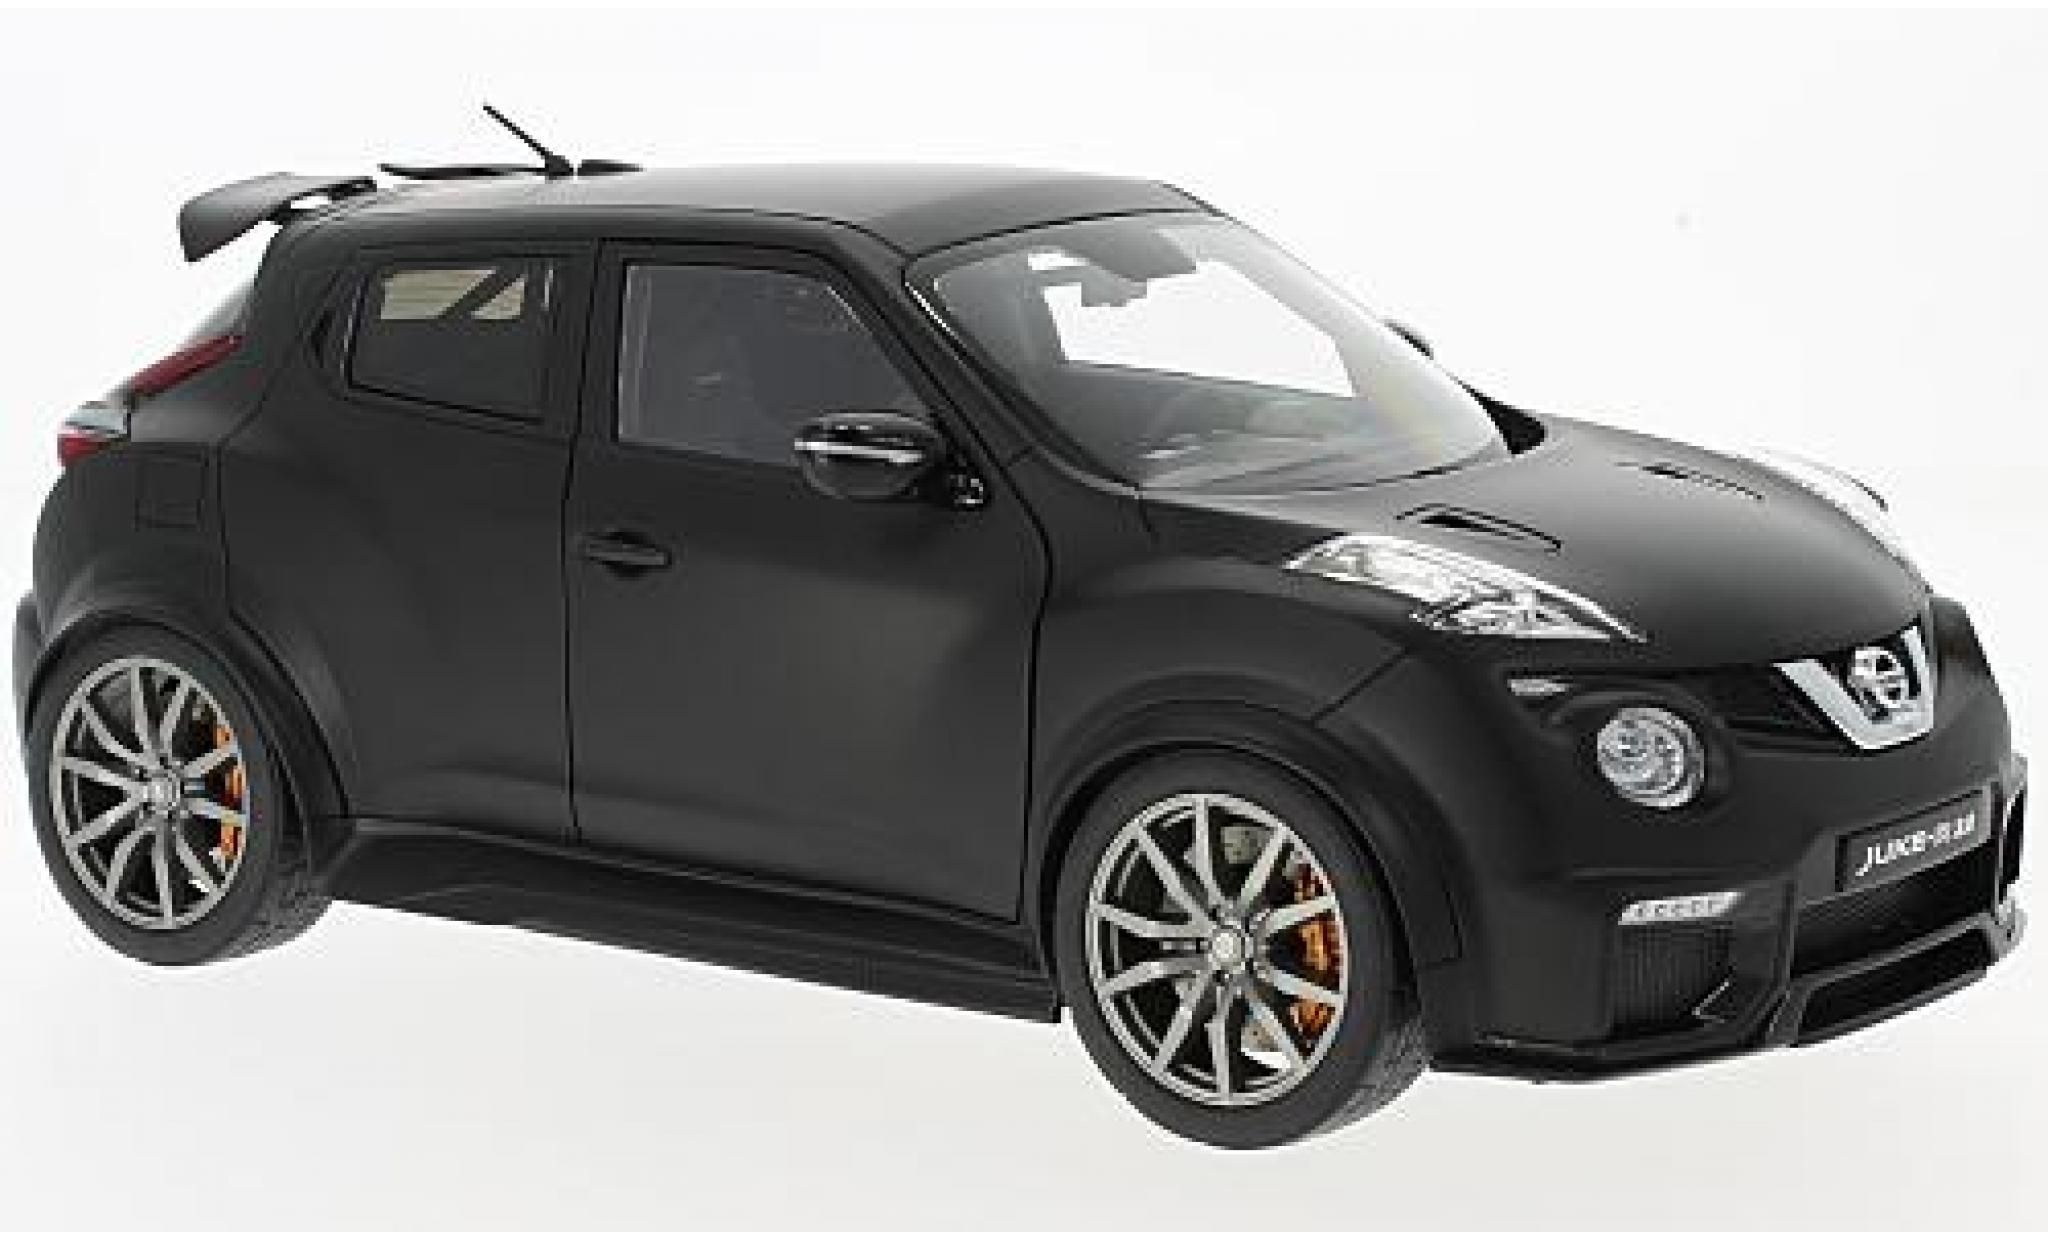 Nissan Juke 1/18 AUTOart R 2.0 matt-black 2016